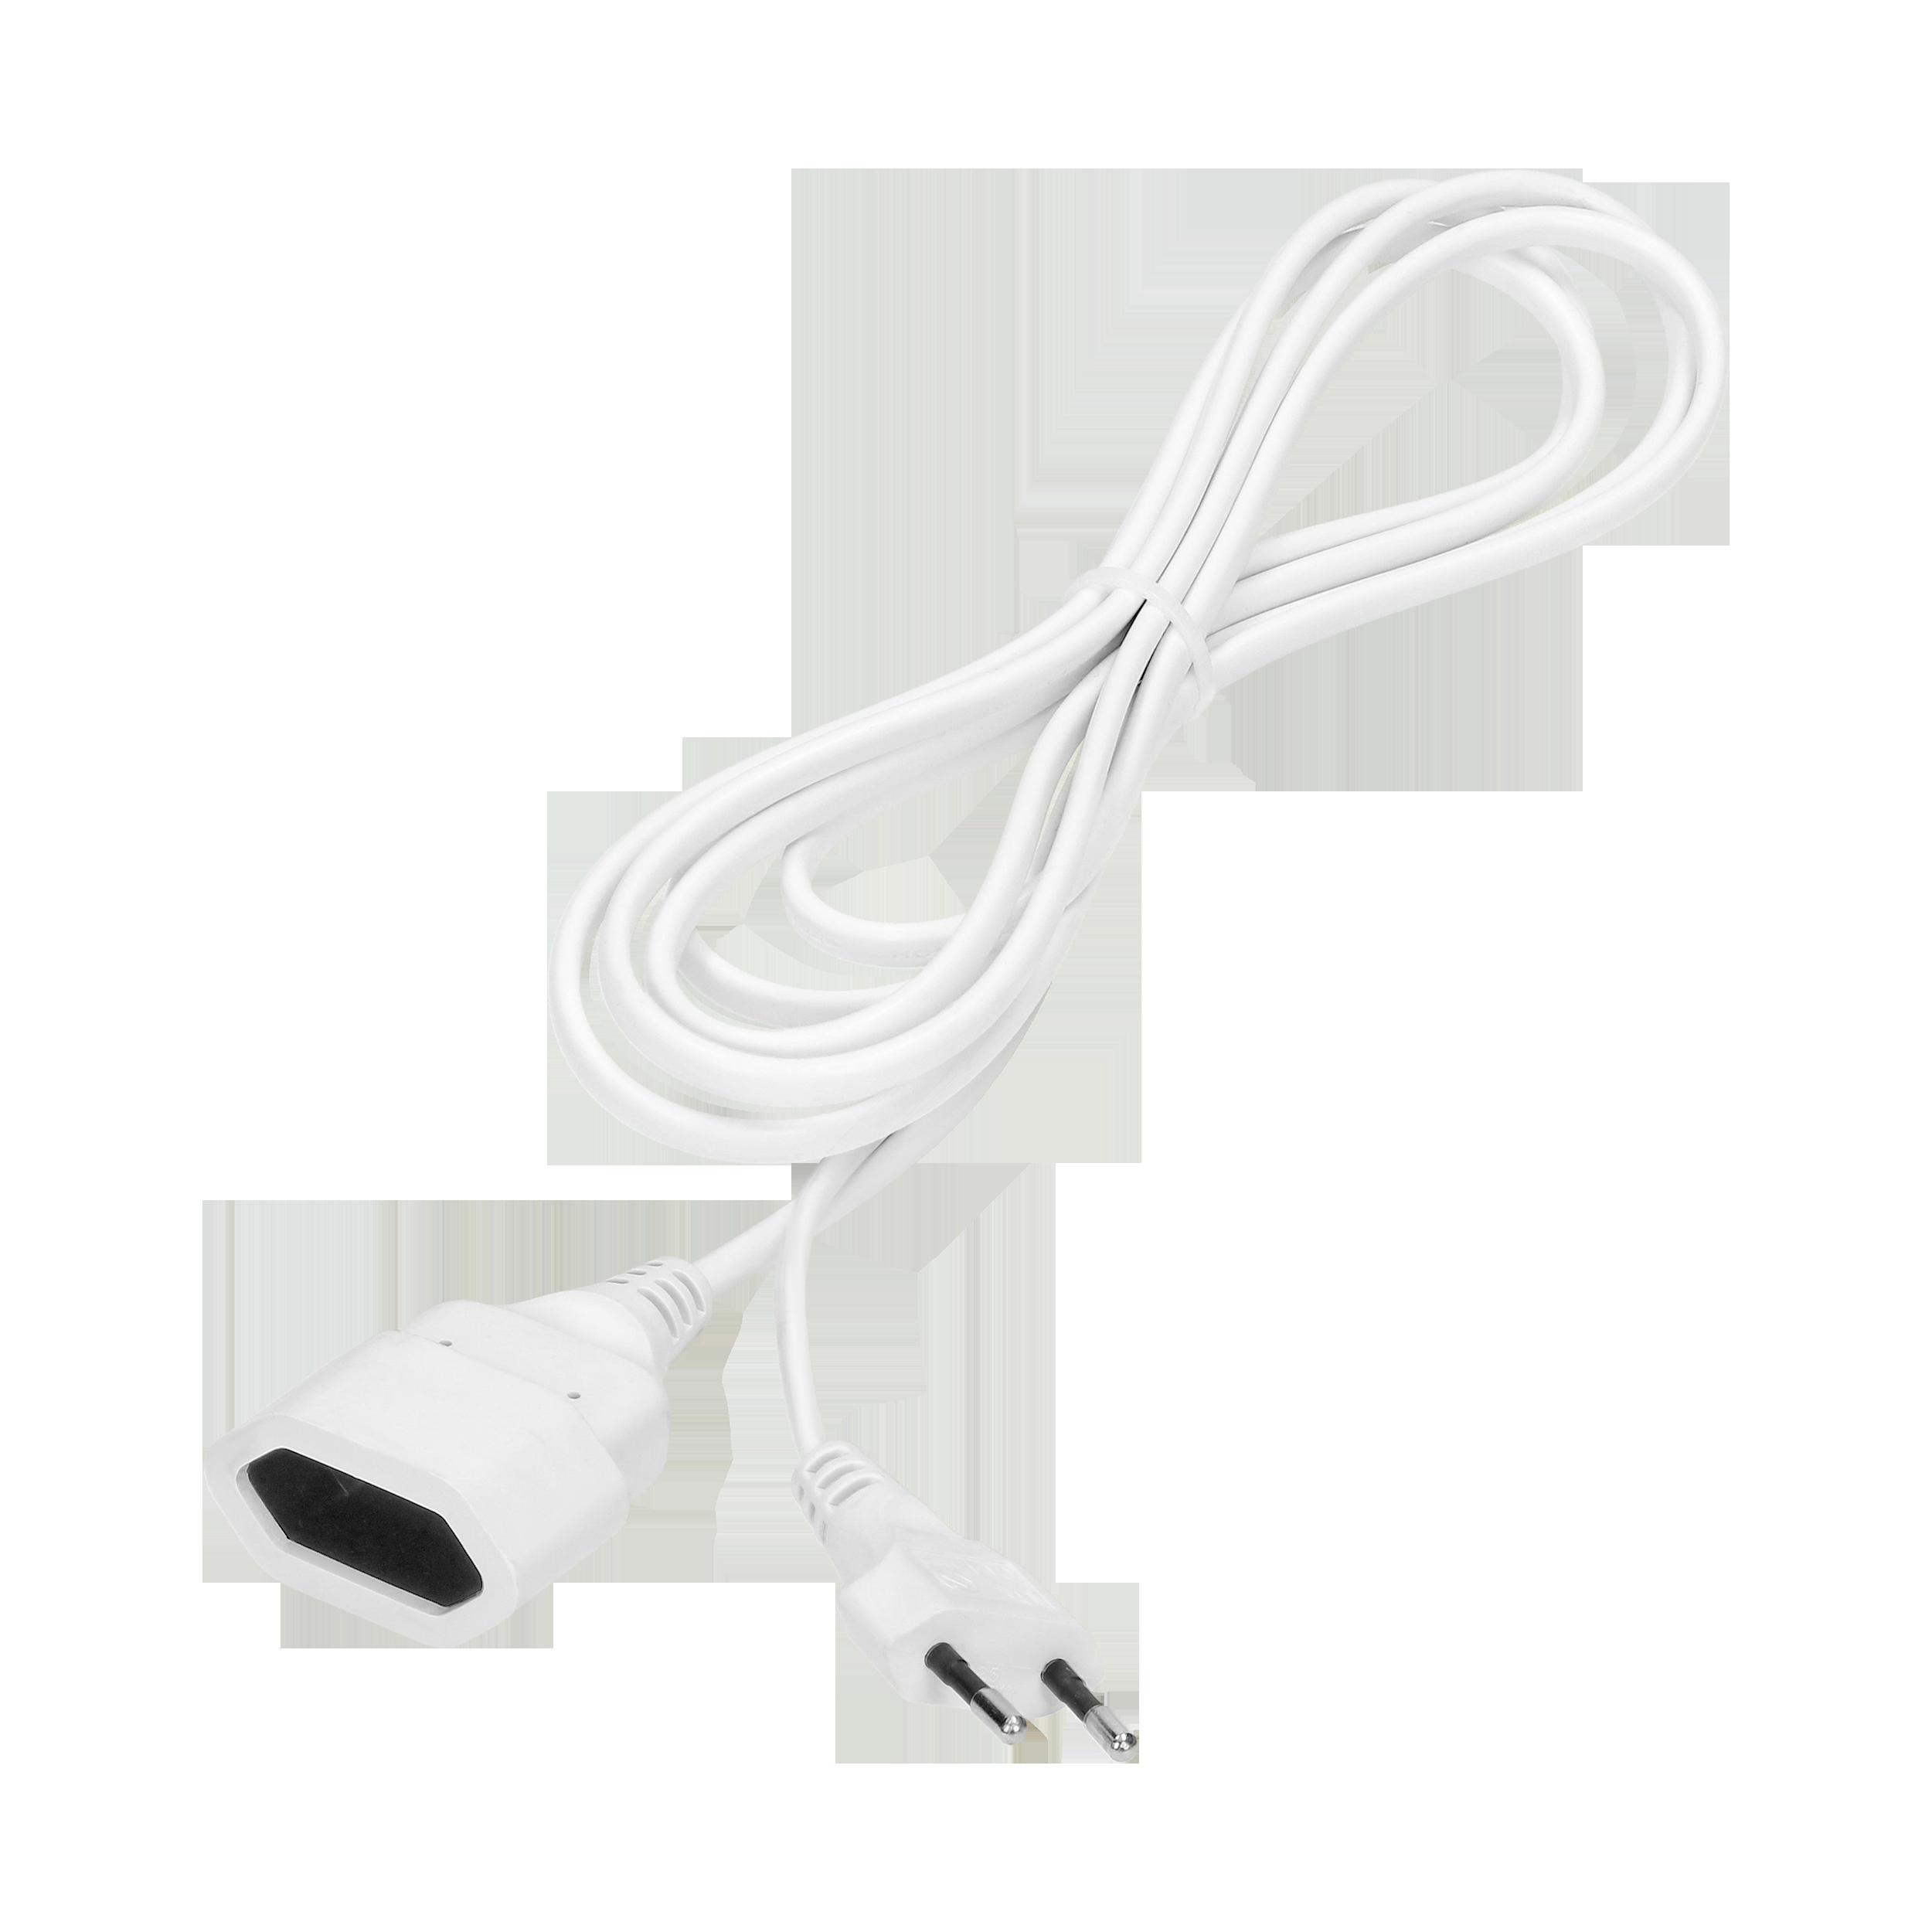 Przedłużacz domowy jednogniazdowy płaski, 1x2P, 1,5m,kabel PVC H03VV-F 2x0,75mm², 230VAC